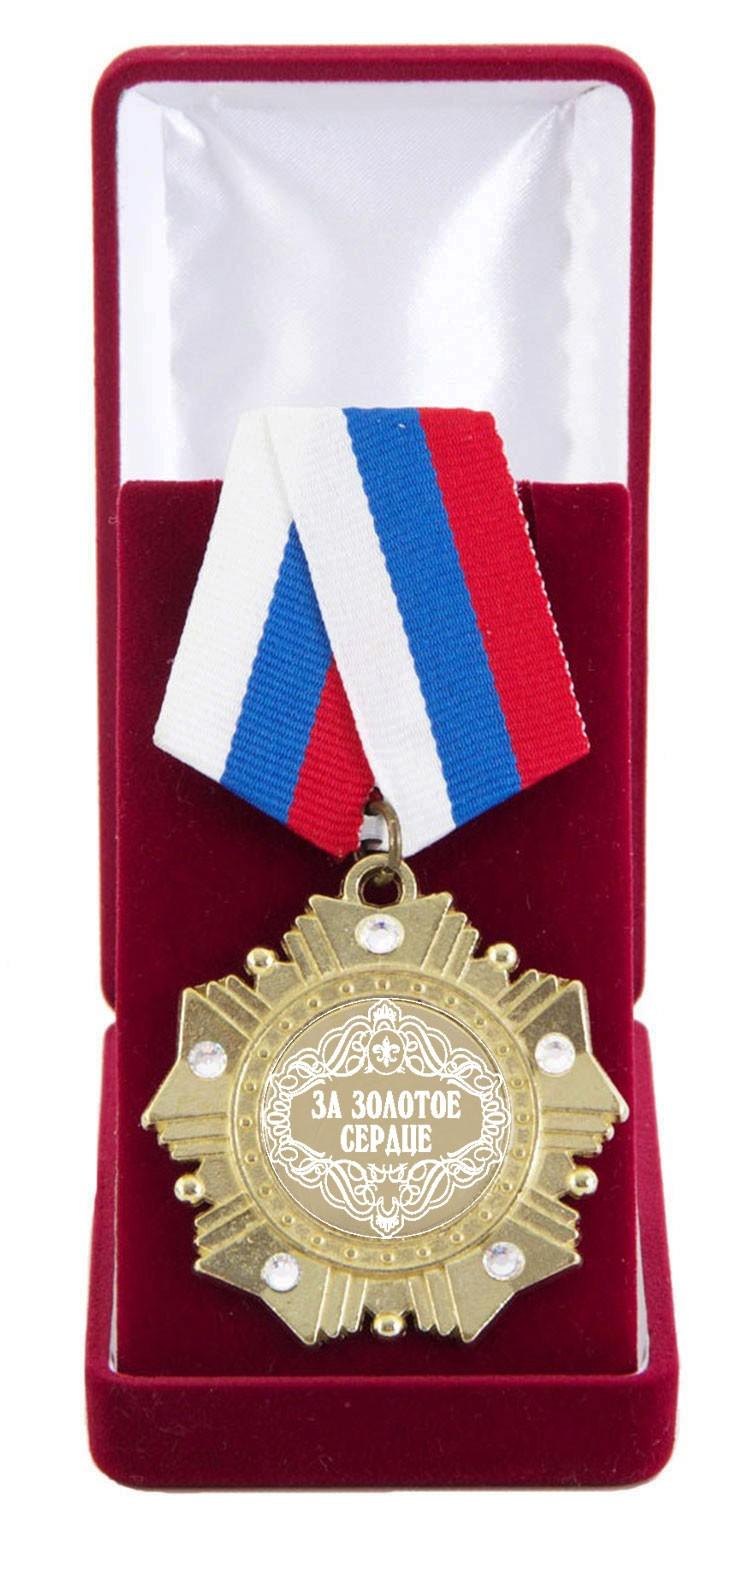 Подарочный орден За золотое сердце (белые стразы)